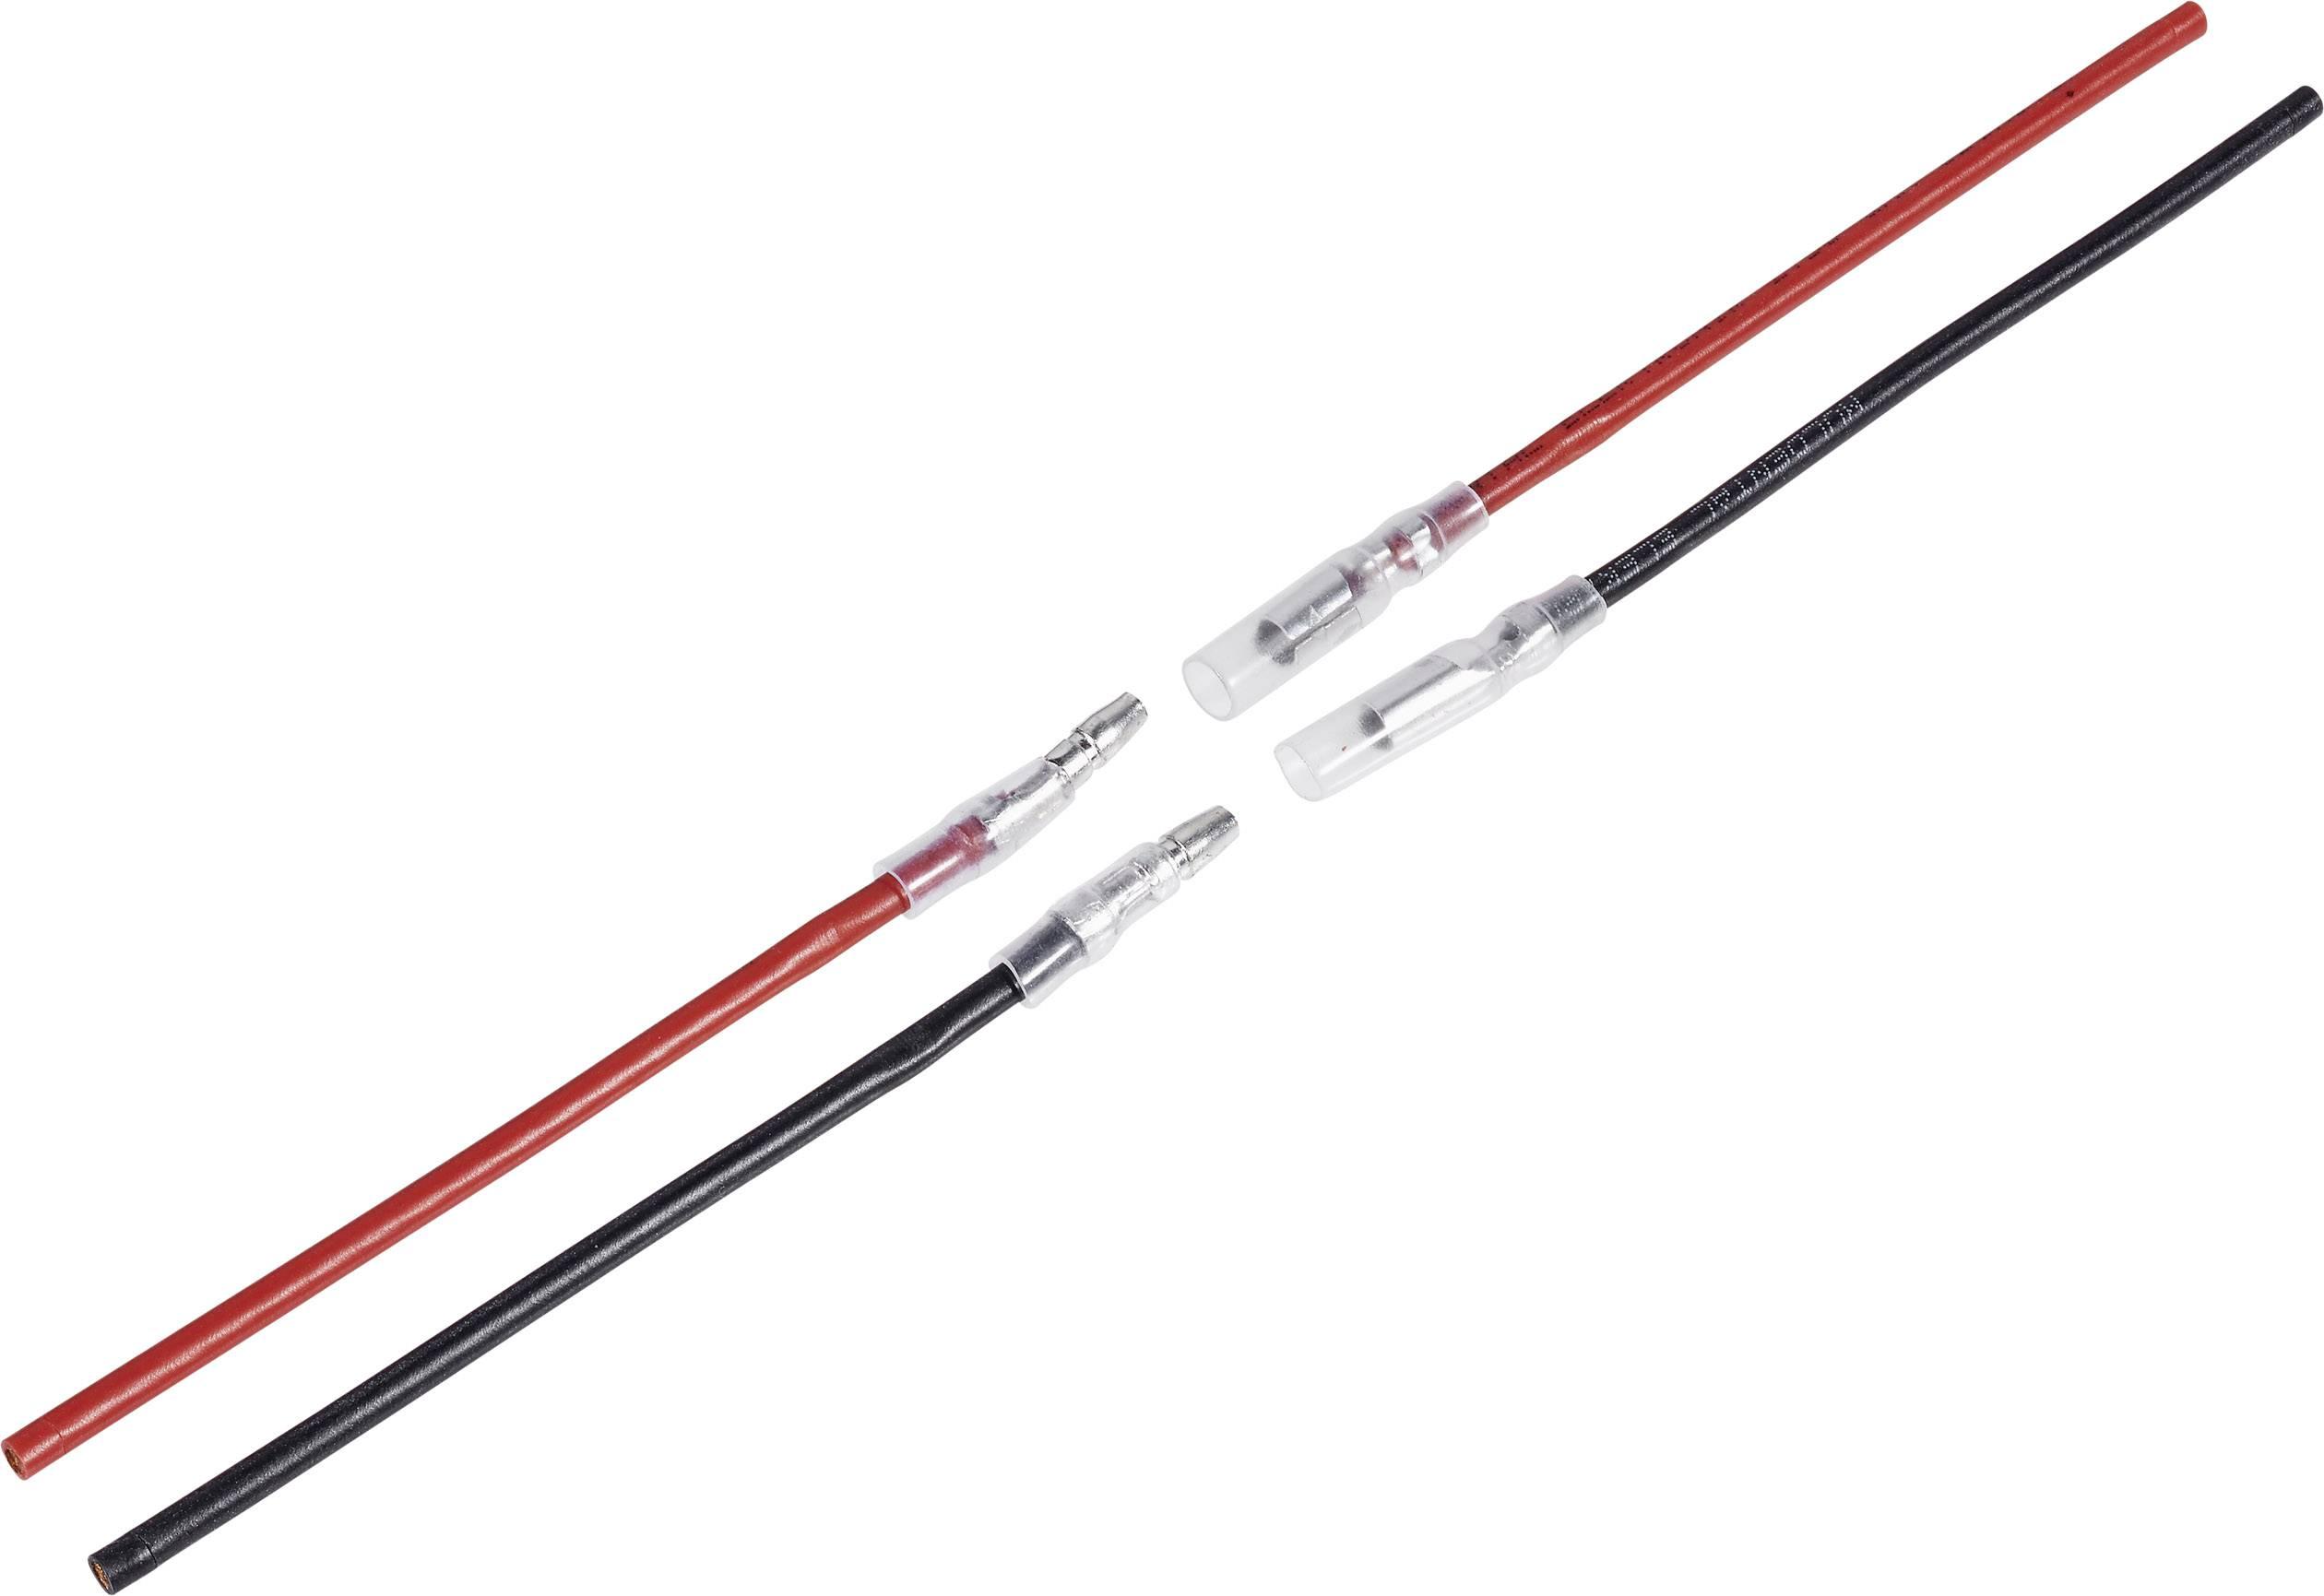 Kabel s koncovkou motoru Modelcraft, 1 pár, 2,5 mm, zástrčky a konektory